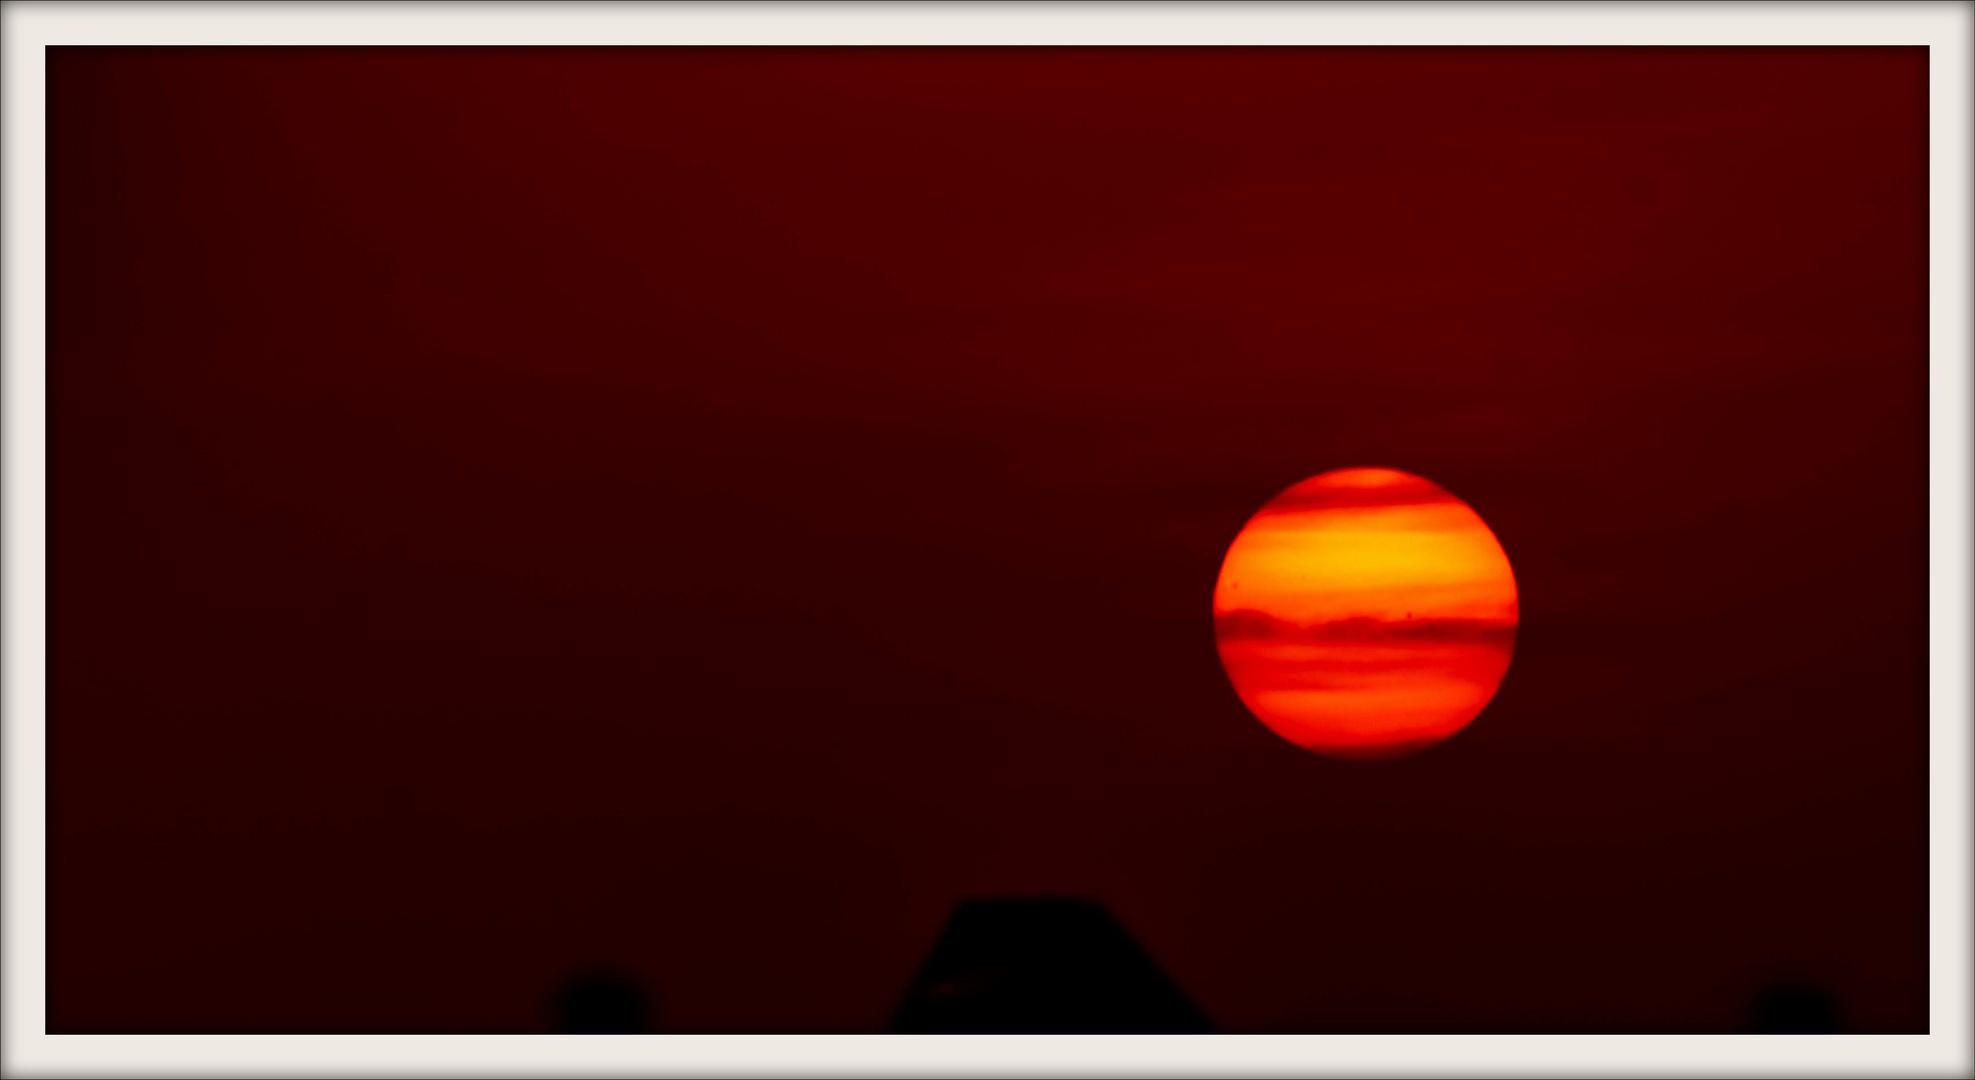 Die Sonne am 19.10.12 gegen 18uhr mit sonnenflecken .